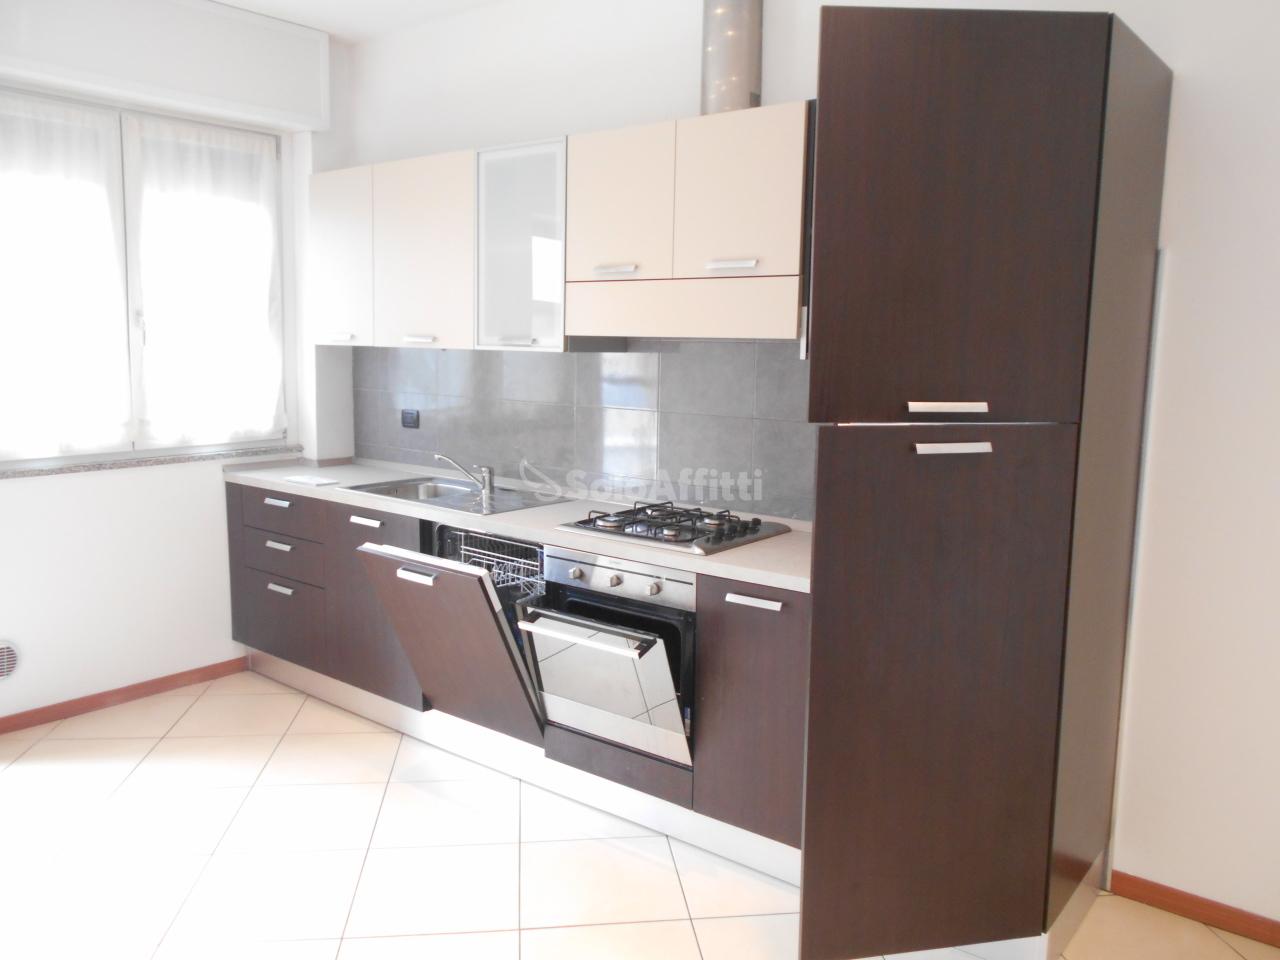 Bilocale in ottime condizioni in affitto Rif. 8983087